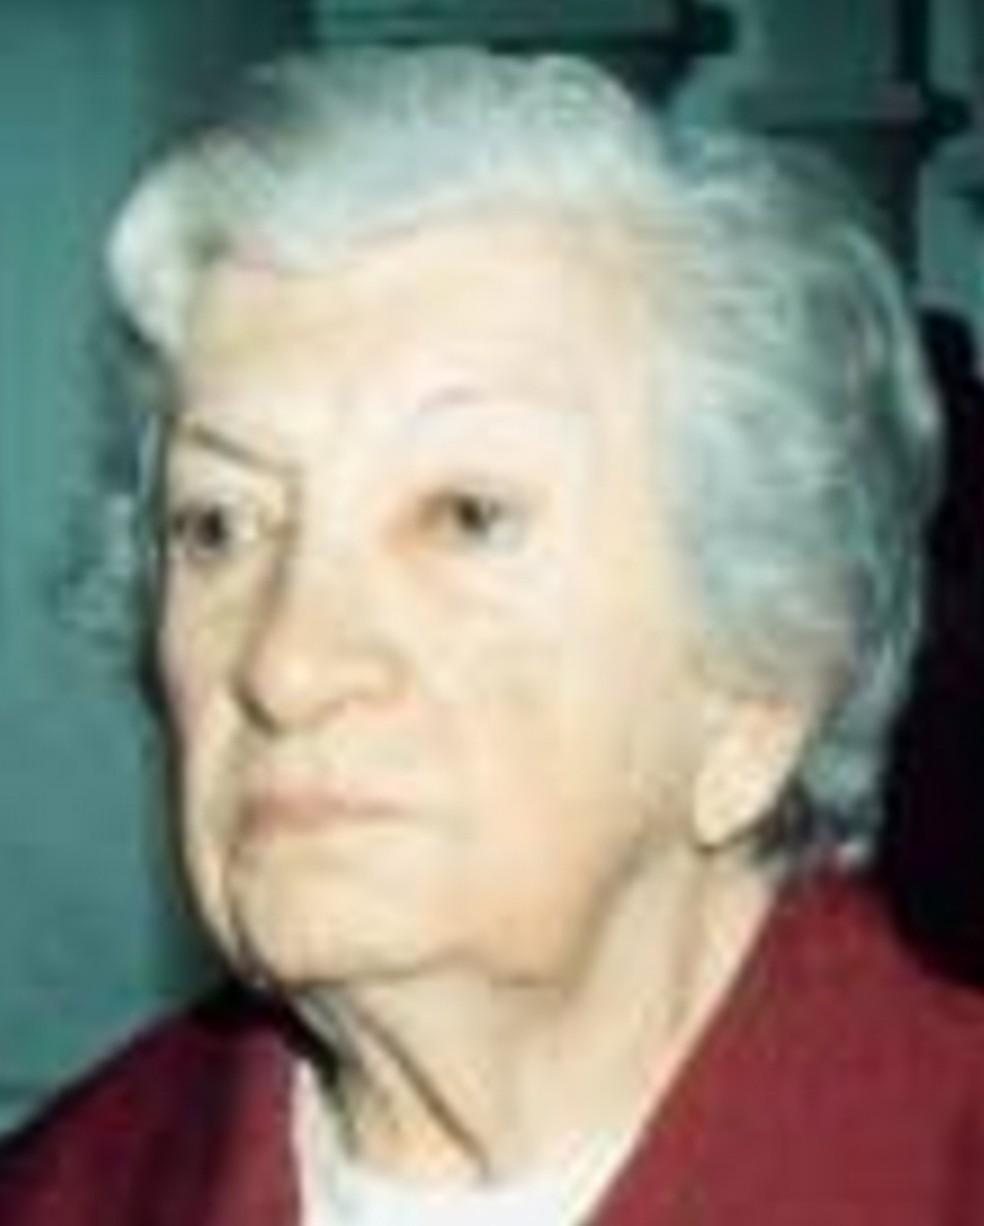 Graziela Maciel Barroso ficou conhecida como a 'primeira grande dama' da botânica no Brasil (Foto: Divulgação/CNPq)